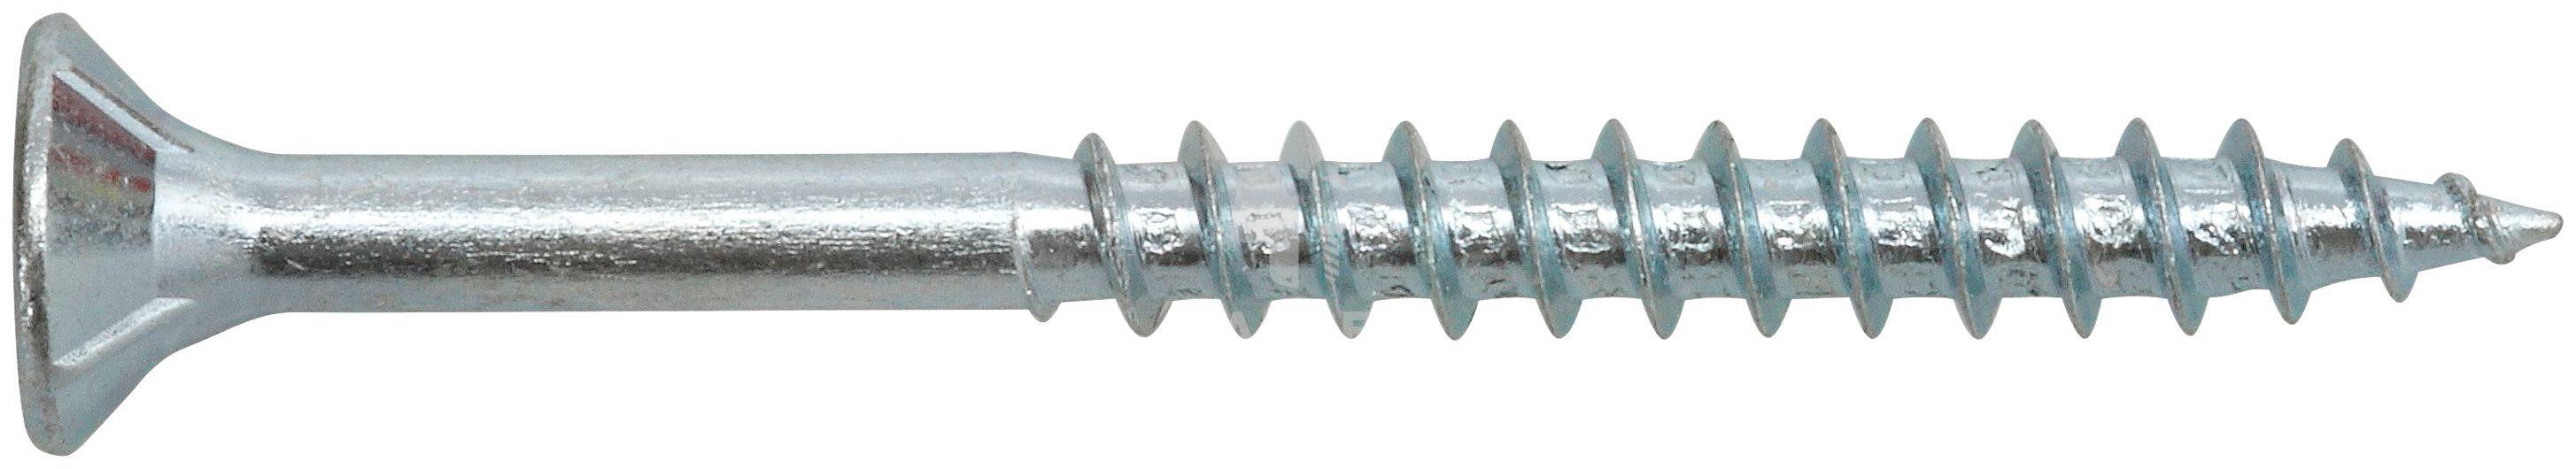 RAMSES Schrauben , Spanplattenschrauben 6 x 120 mm 50 Stk.